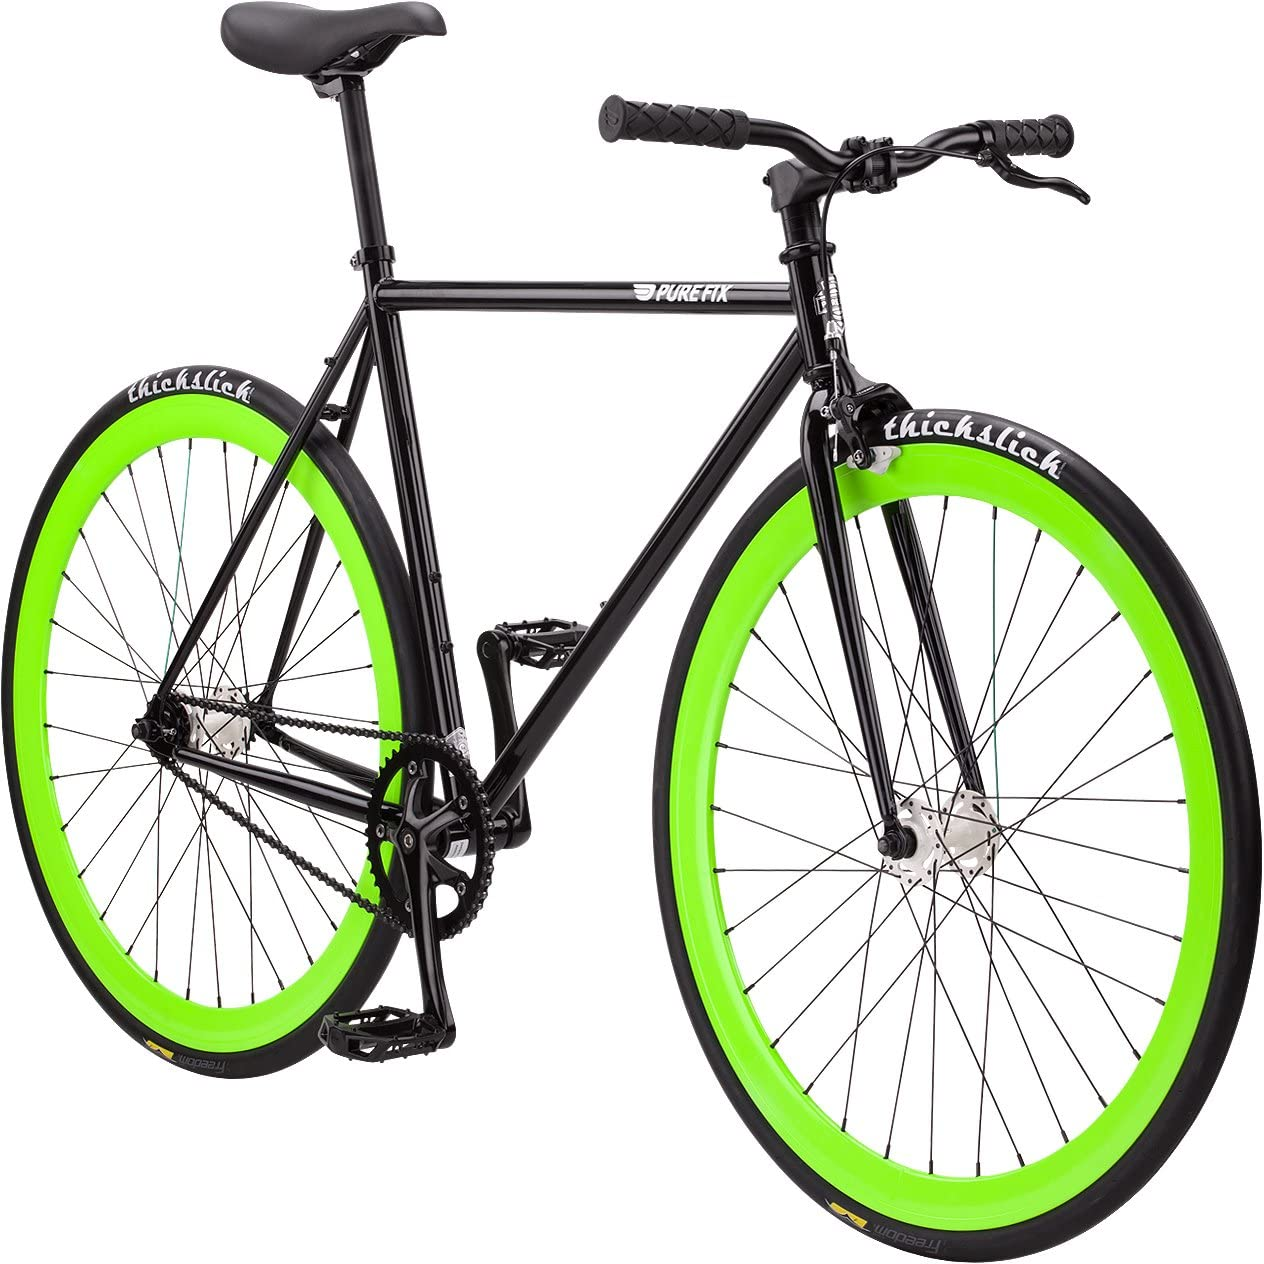 Pure Fix Cycles Hot-Black/Glow-M - Bicicleta Infantil Unisex, Cuadro 54 cm, Color Multicolor: Amazon.es: Deportes y aire libre